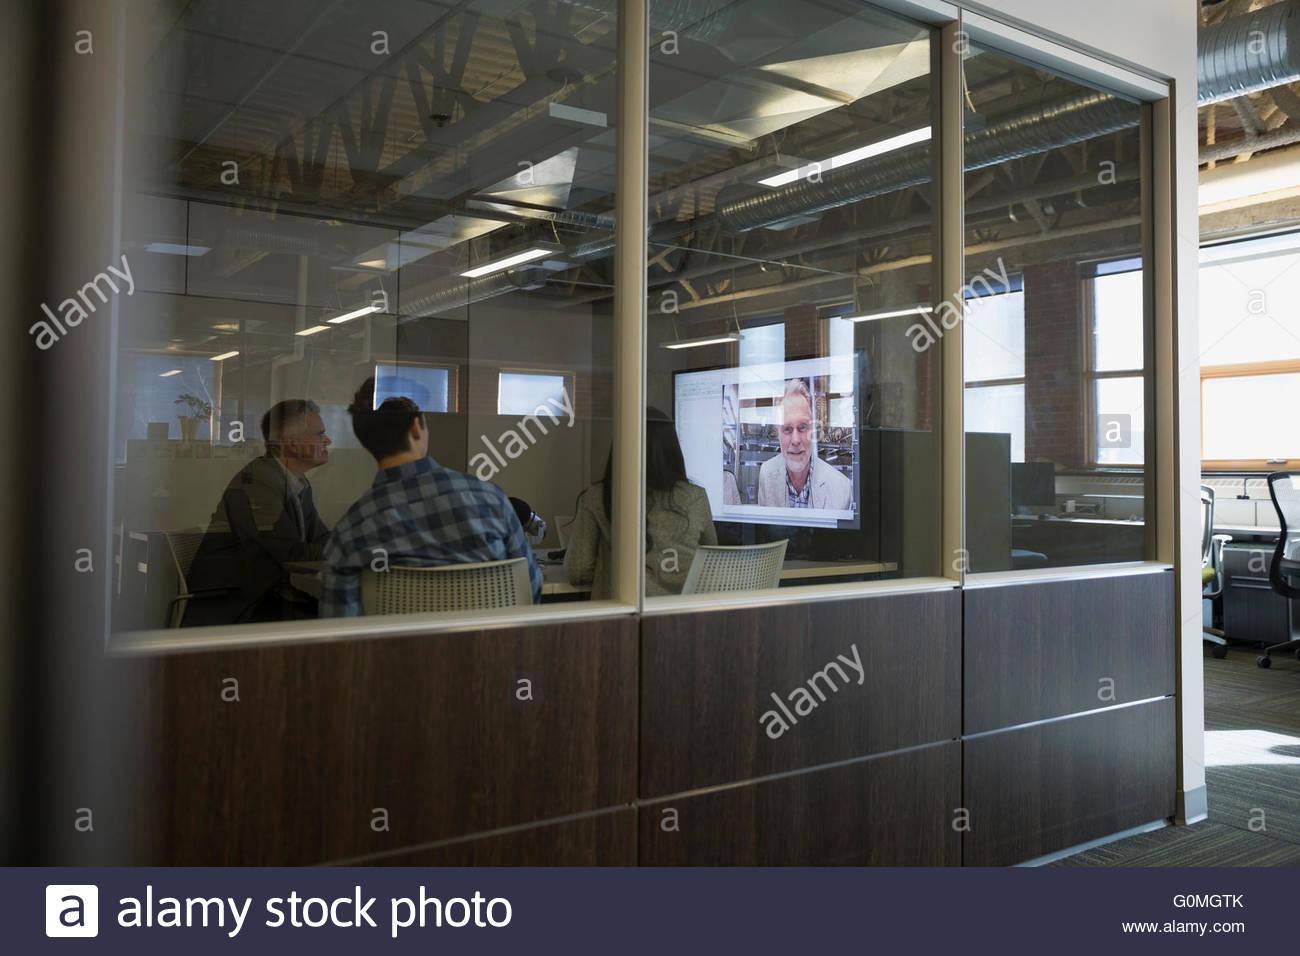 Les gens d'affaires réunion conférence vidéo Photo Stock